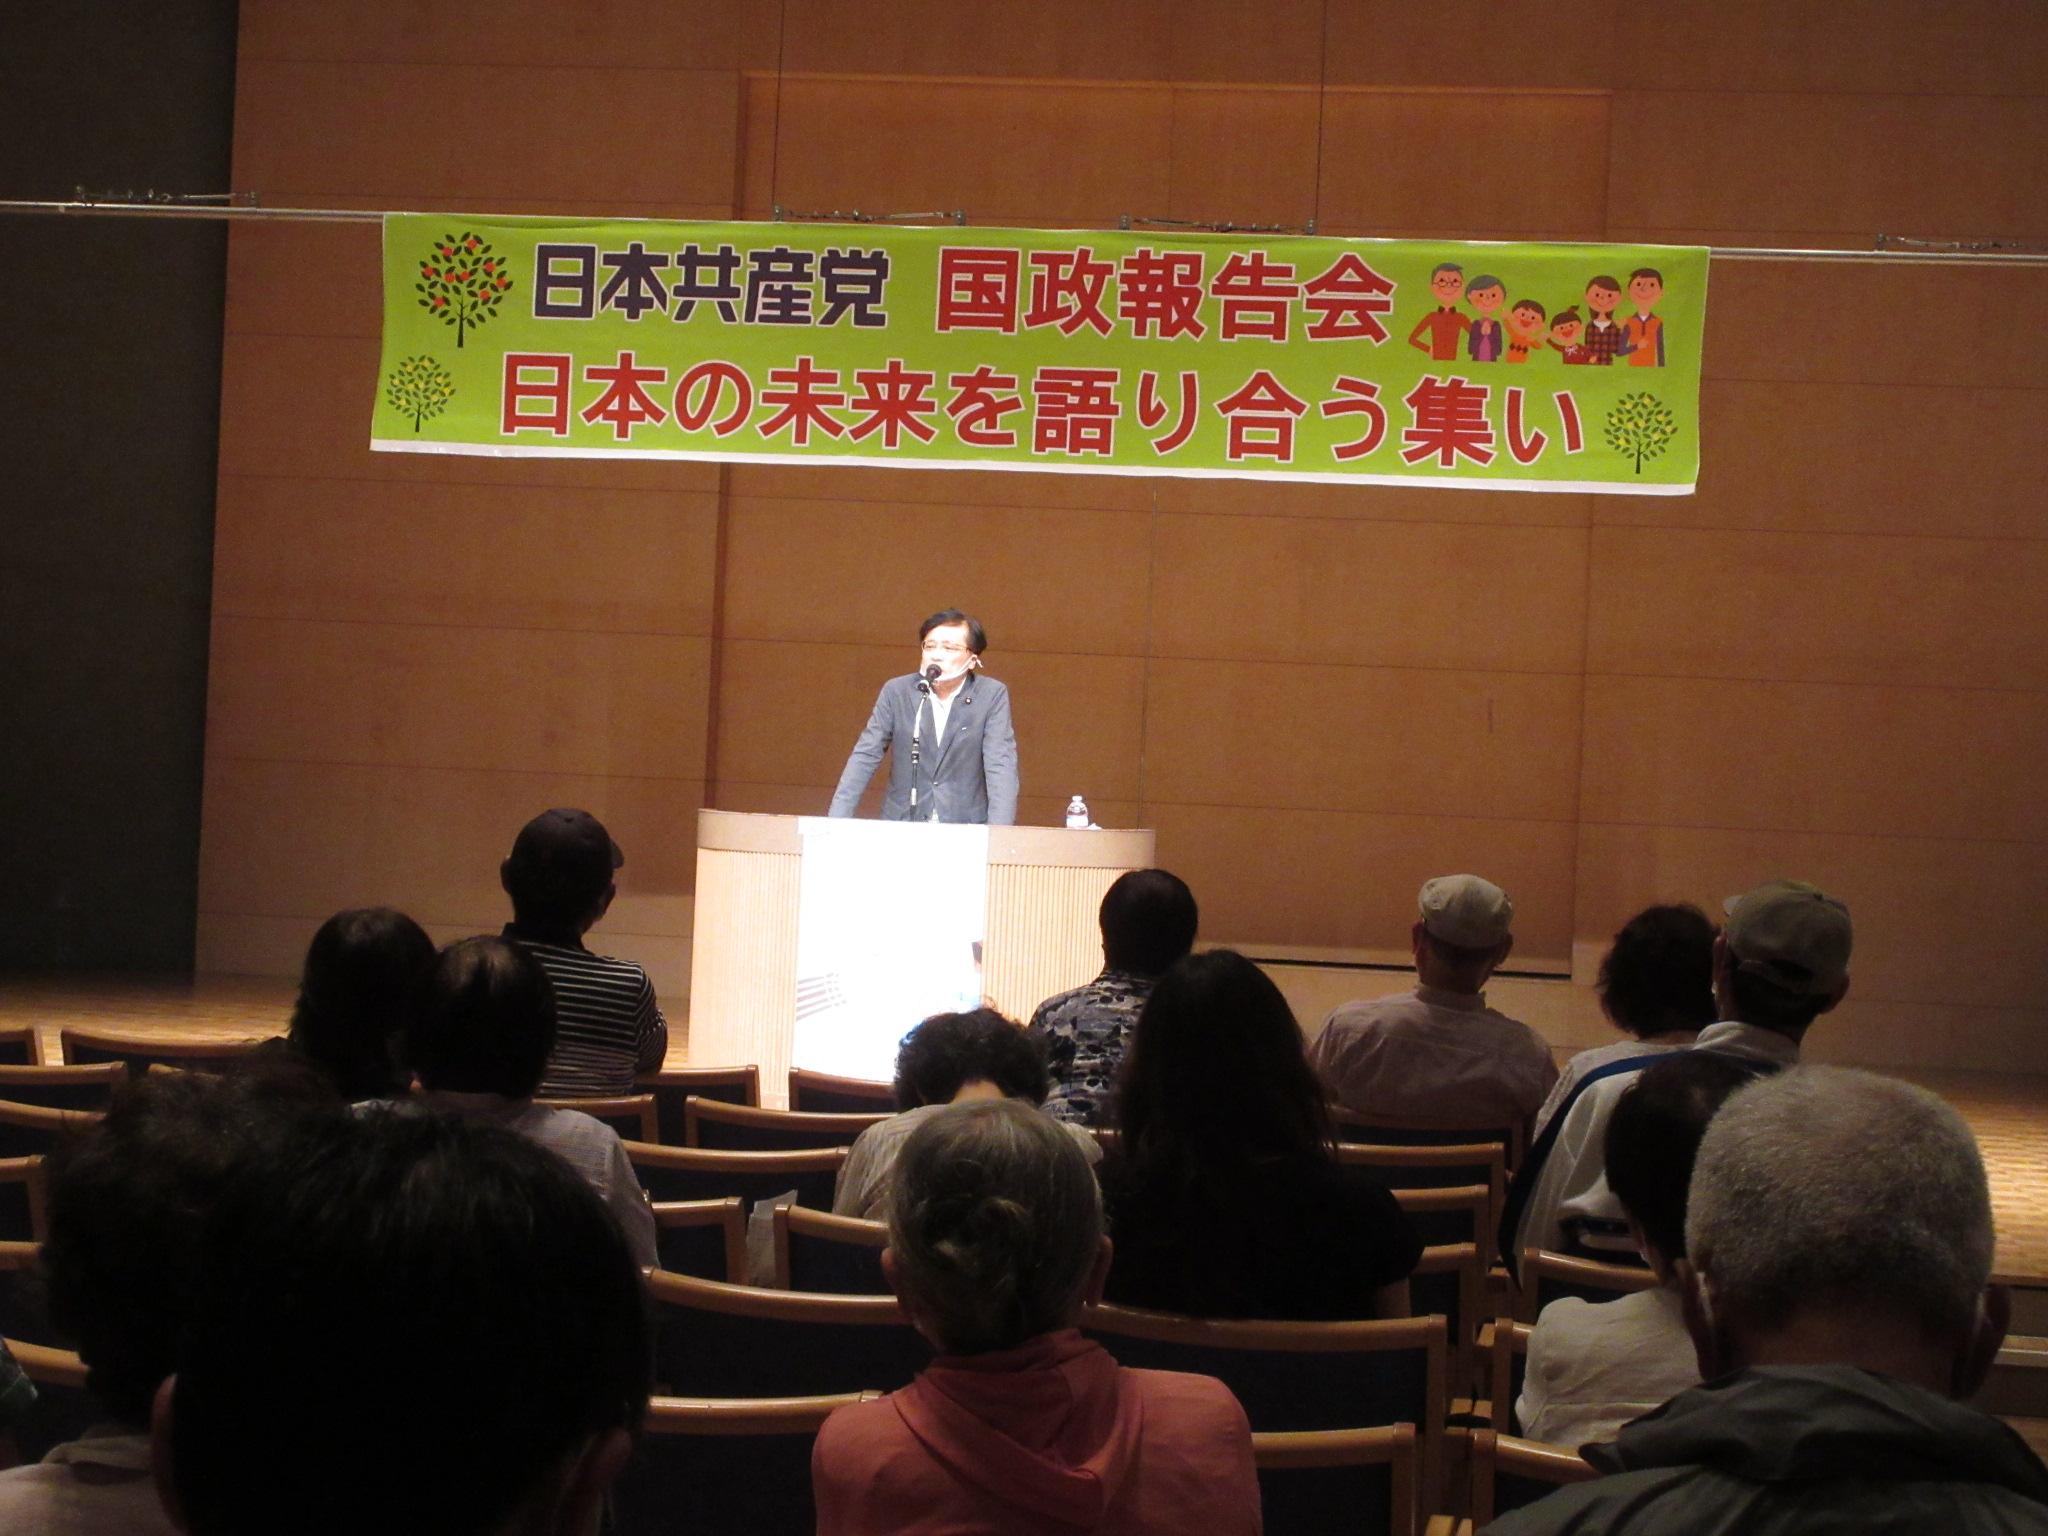 http://www.inoue-satoshi.com/diary/IMG_0894.JPG